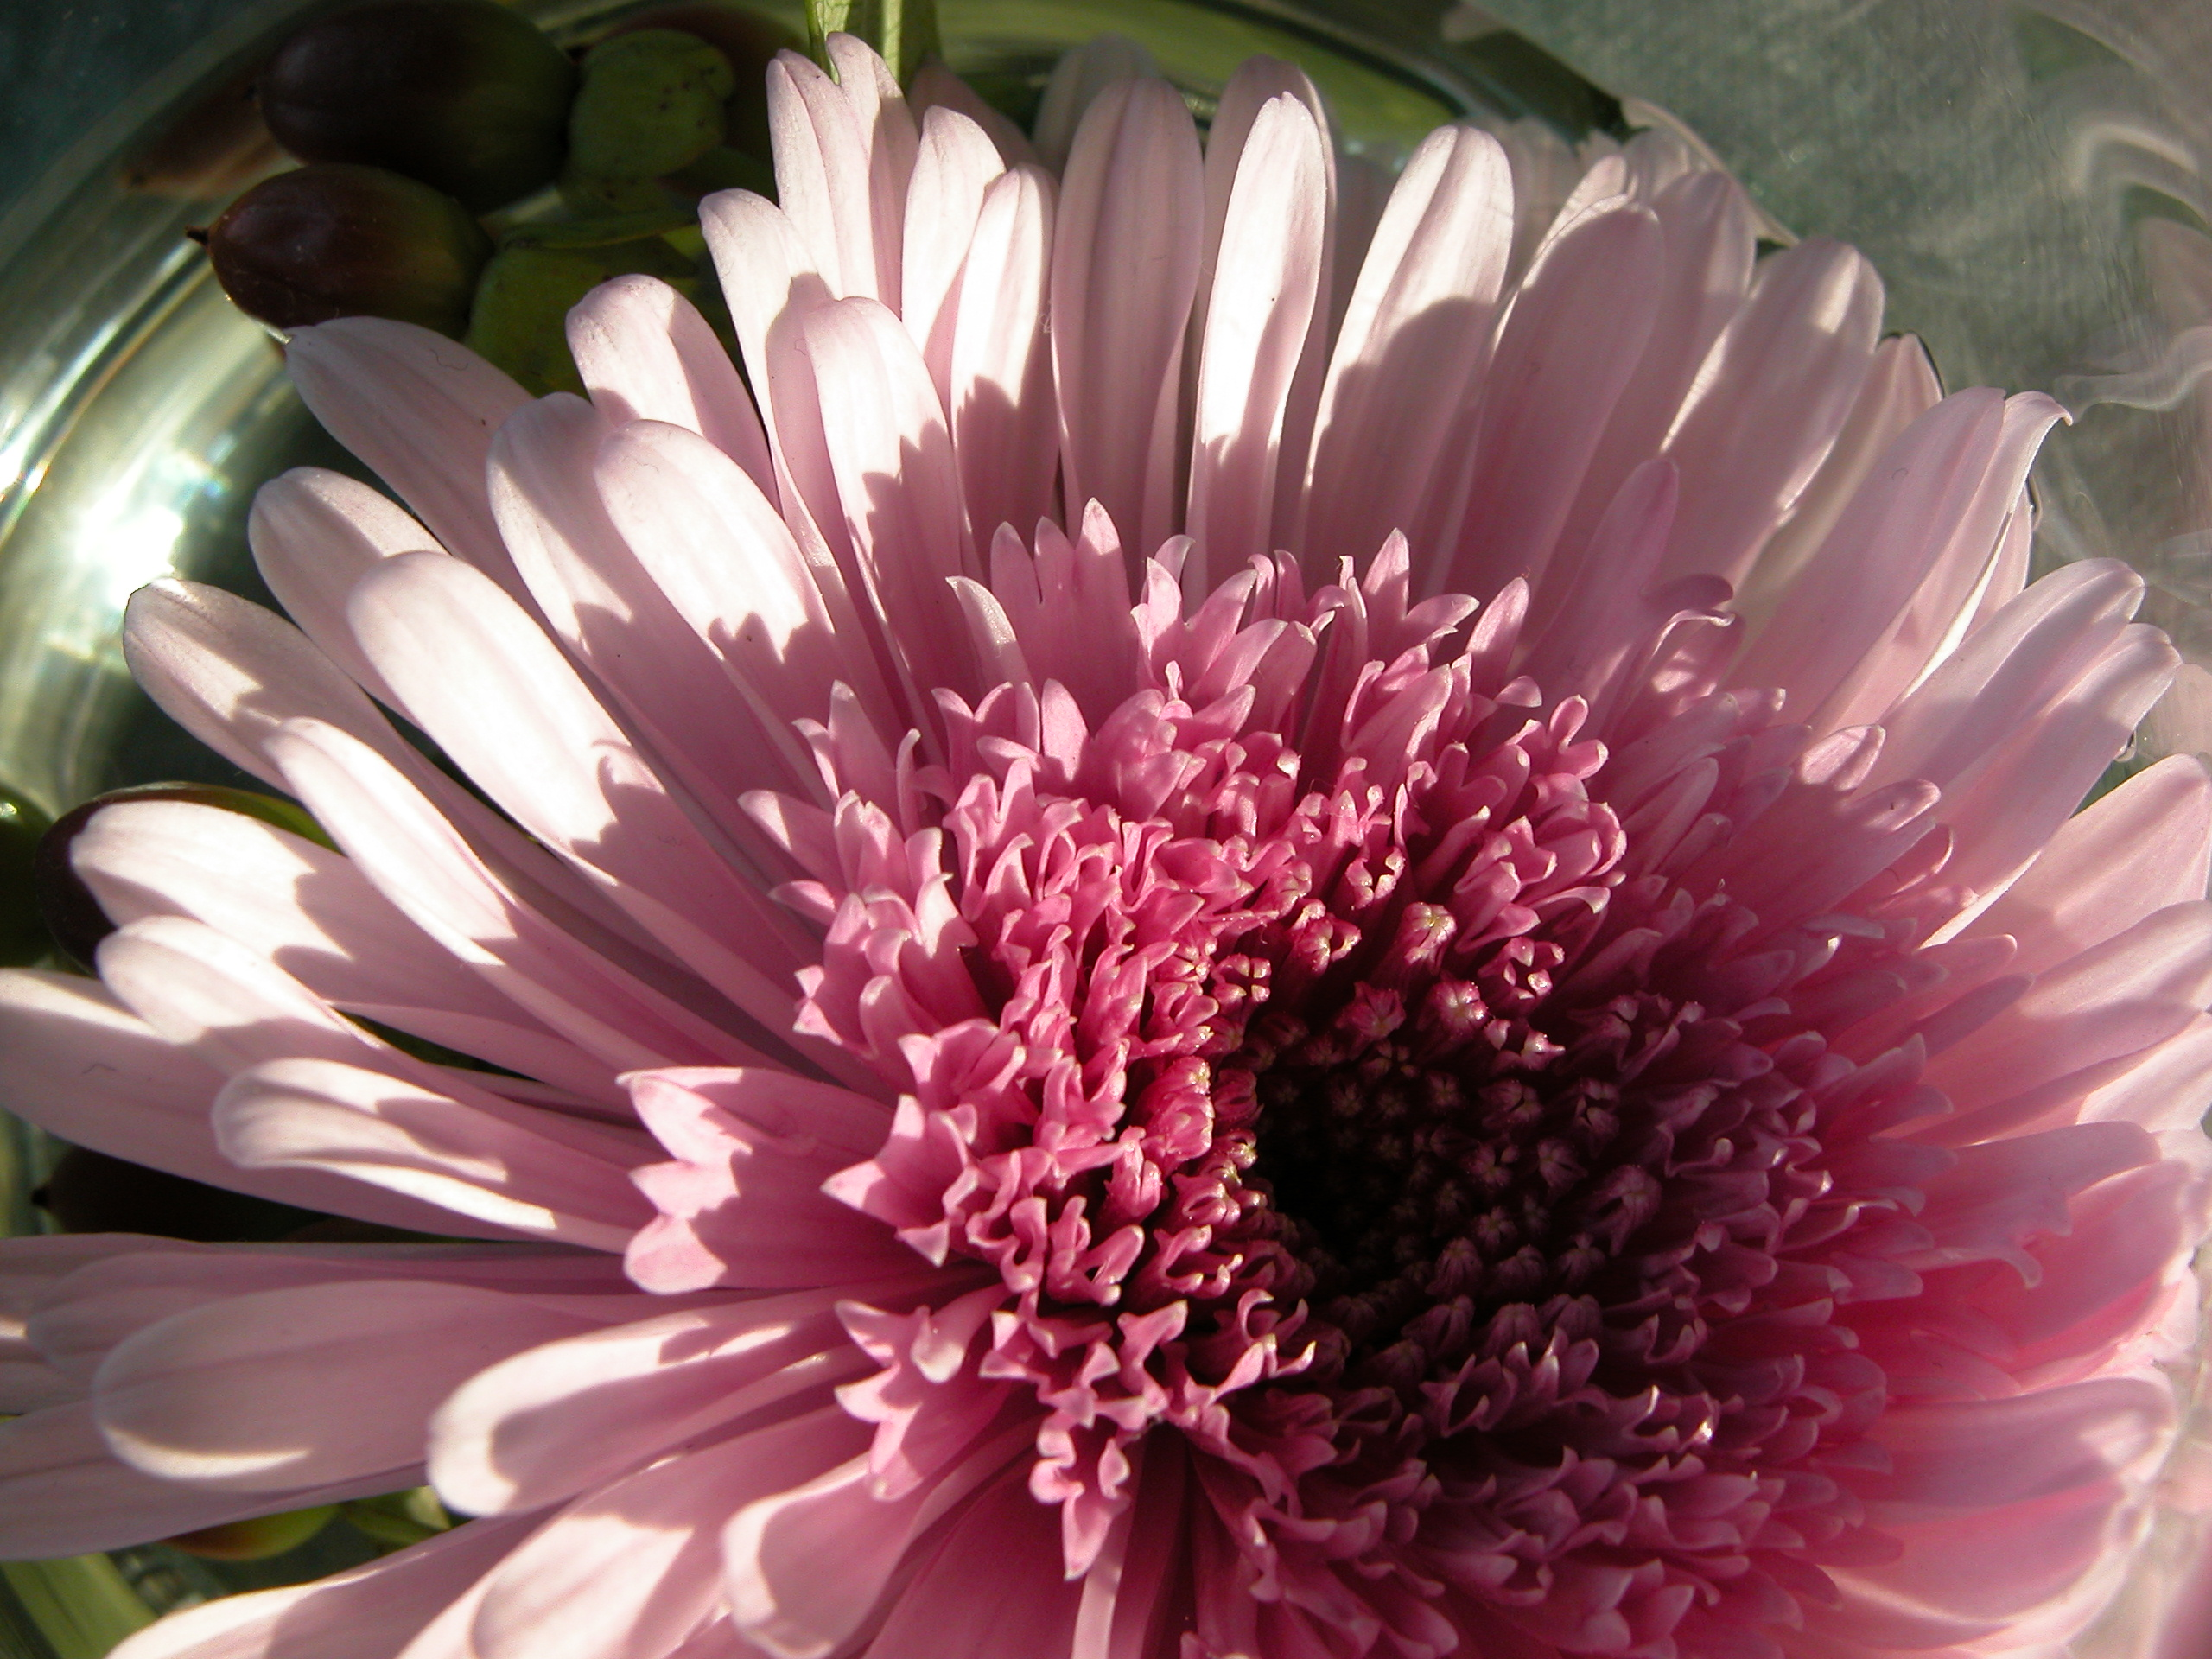 marguerite flower pink big large leaf closeup